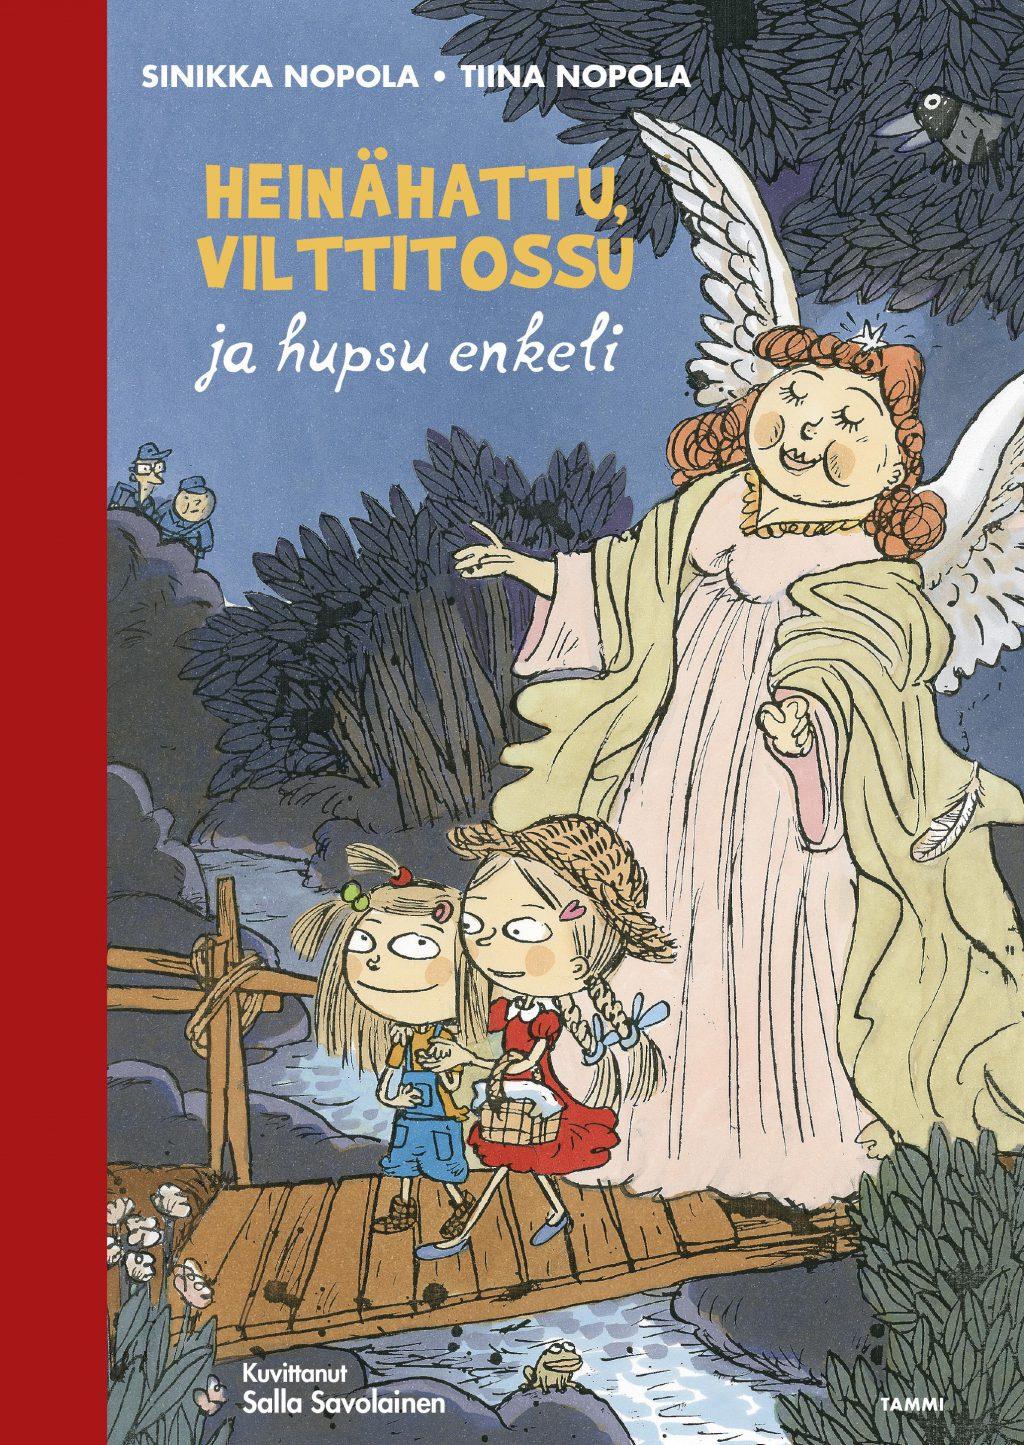 Heinähattu, Vilttitossu ja hupsu enkeli